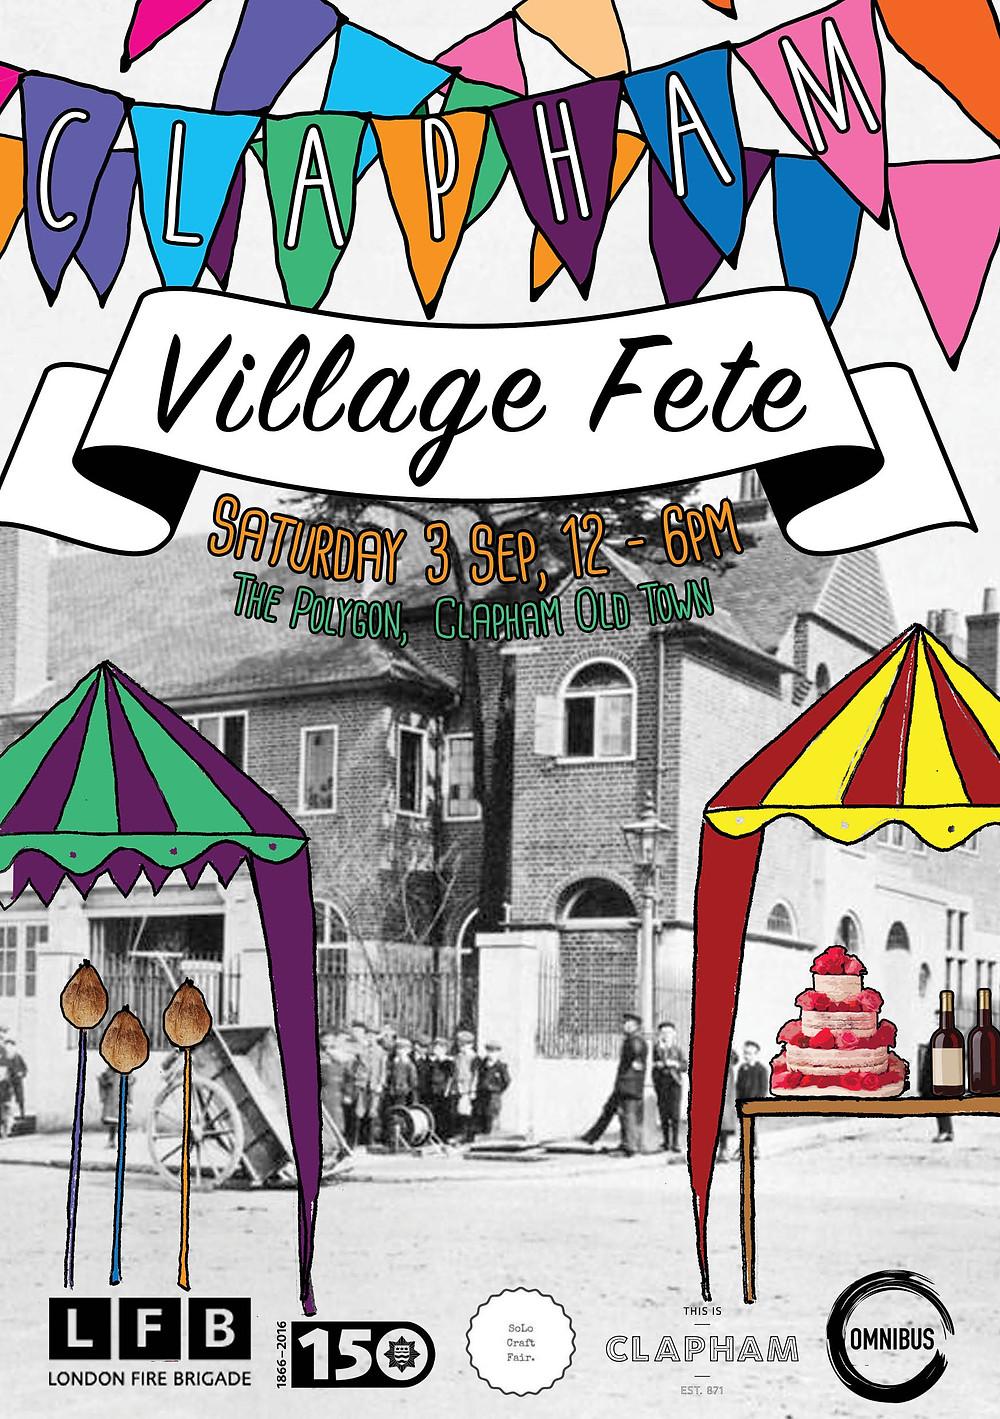 Clapham village fete